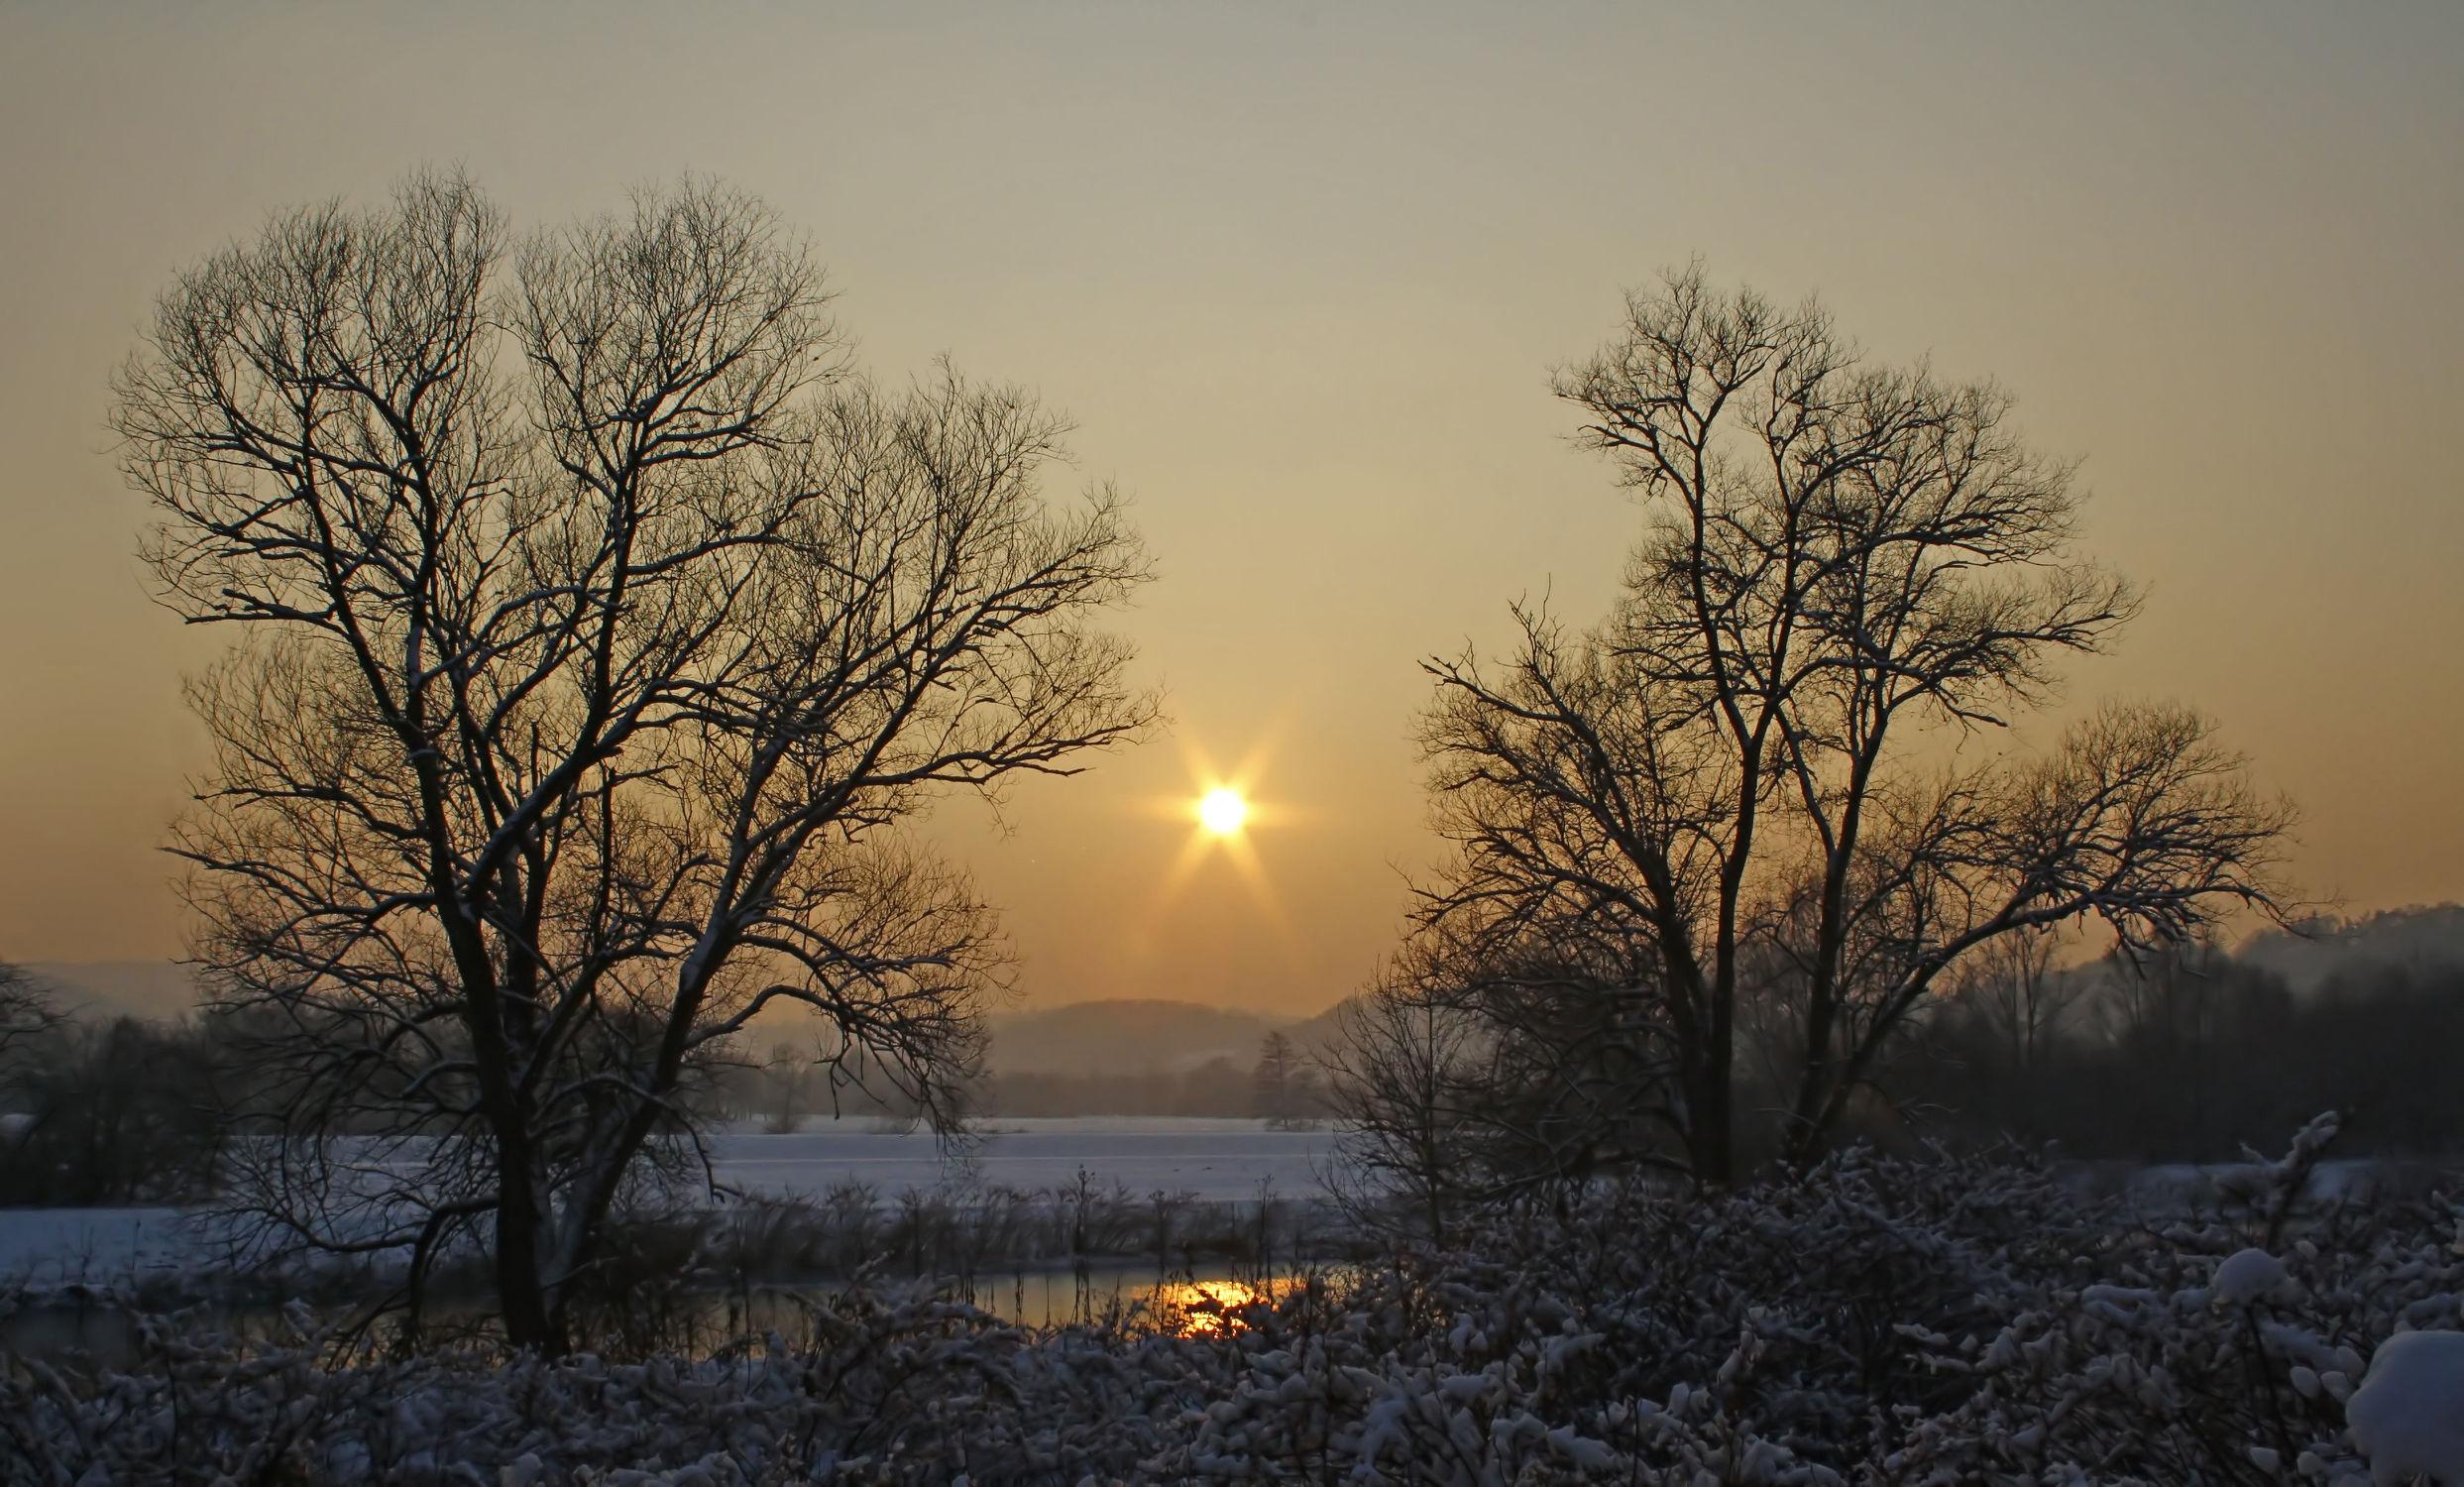 Bild mit Natur, Landschaften, Bäume, Winter, Schnee, Sonnenuntergang, Baum, Landschaft, Natur und Landschaft, Winterzeit